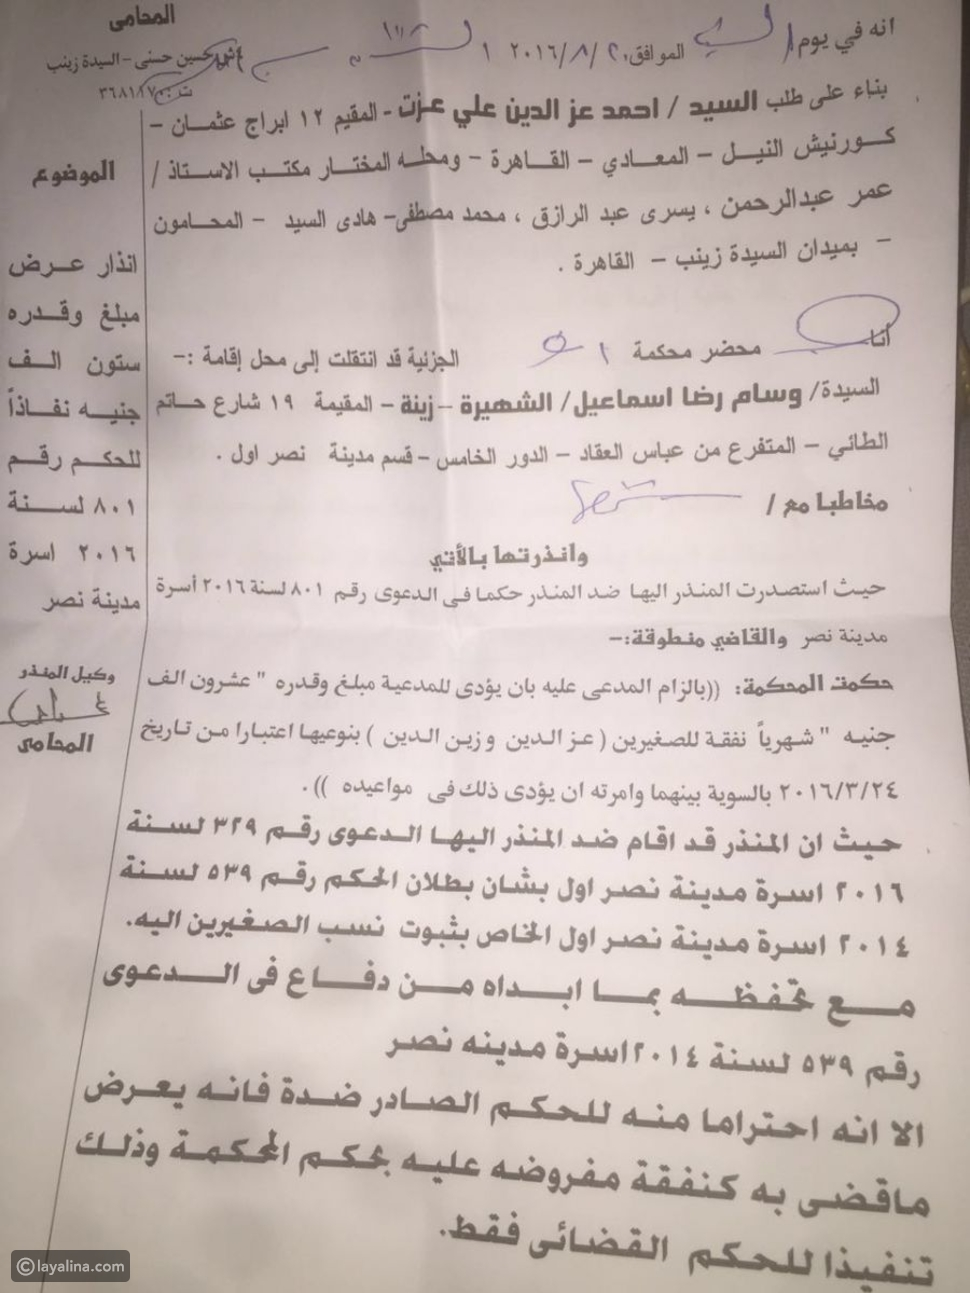 خضوع أحمد عز لتوأمه.. اكتشفوا التفاصيل بالمستندات